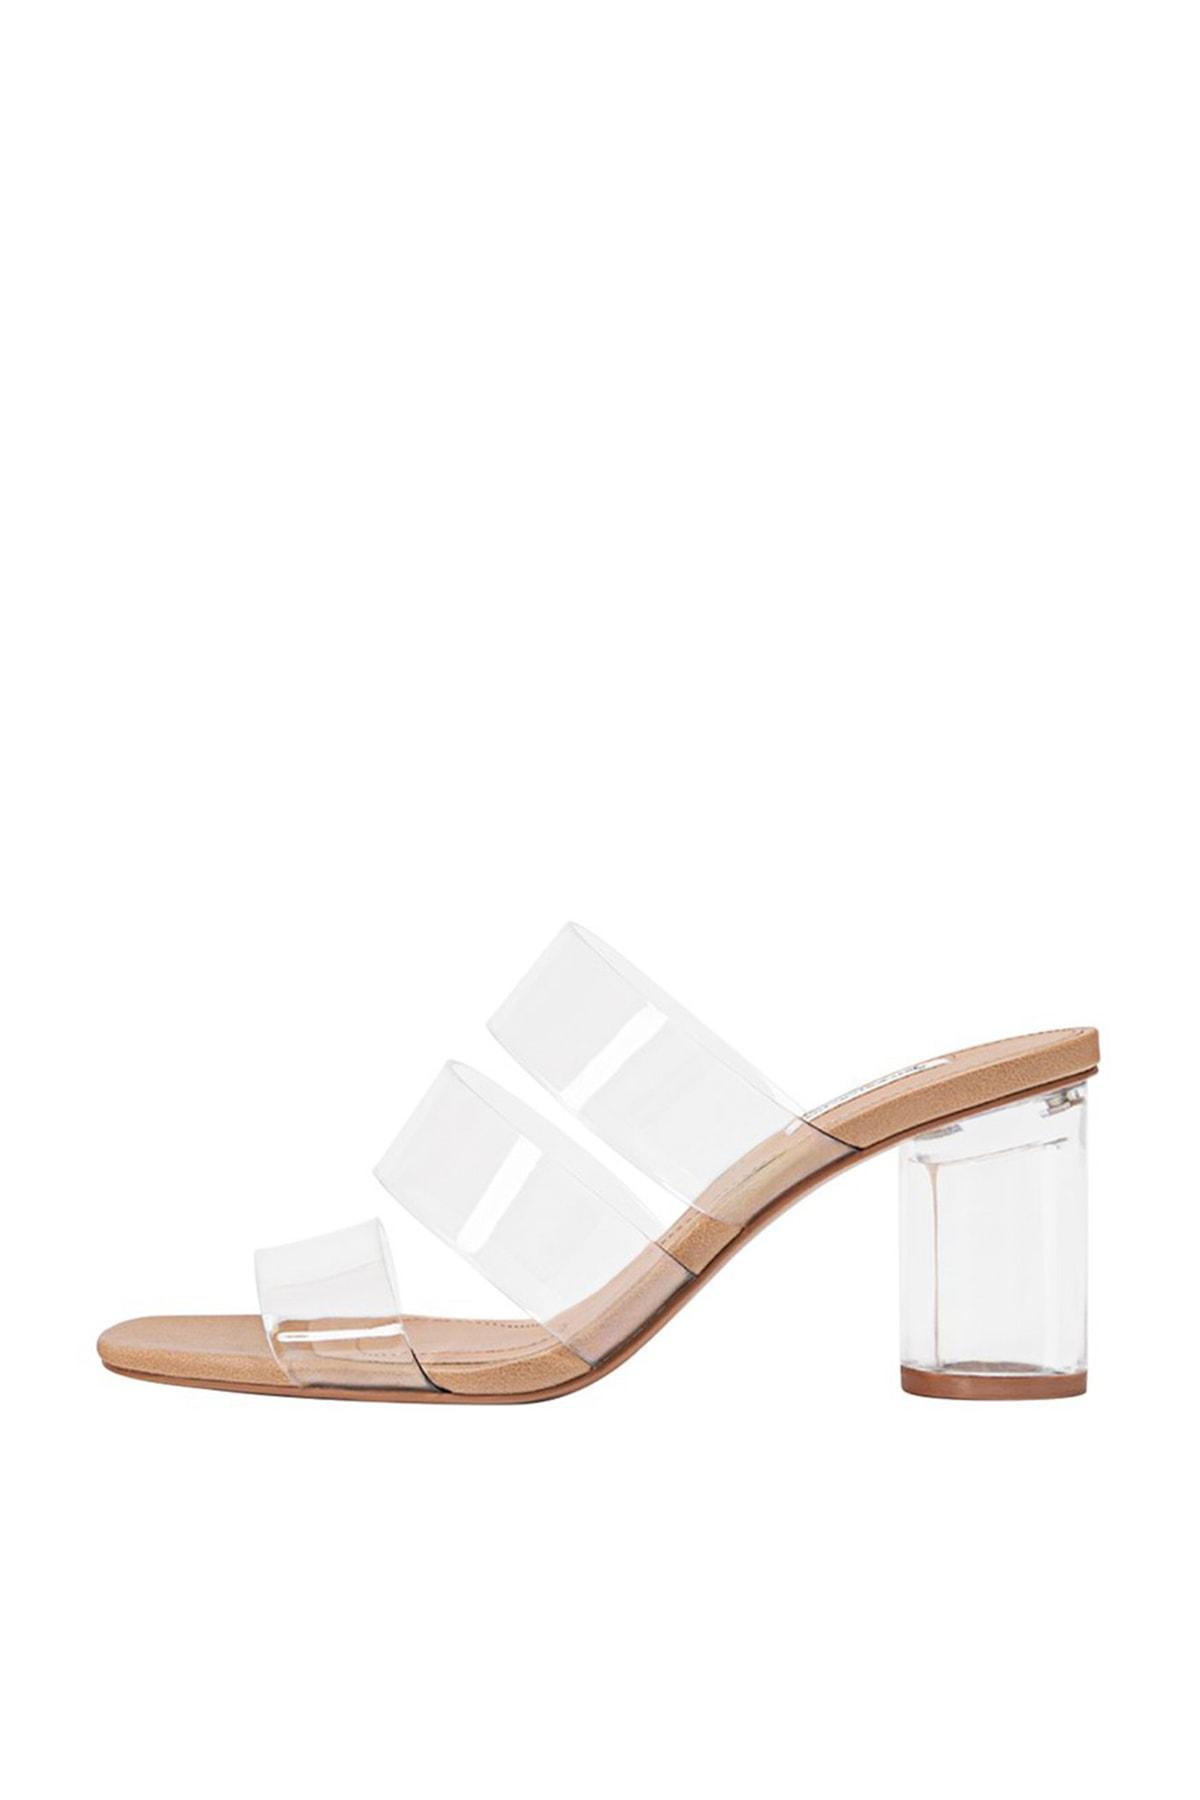 Stradivarius Kadın Kum Rengi Vinil Topuklu Sandalet 19217570 1